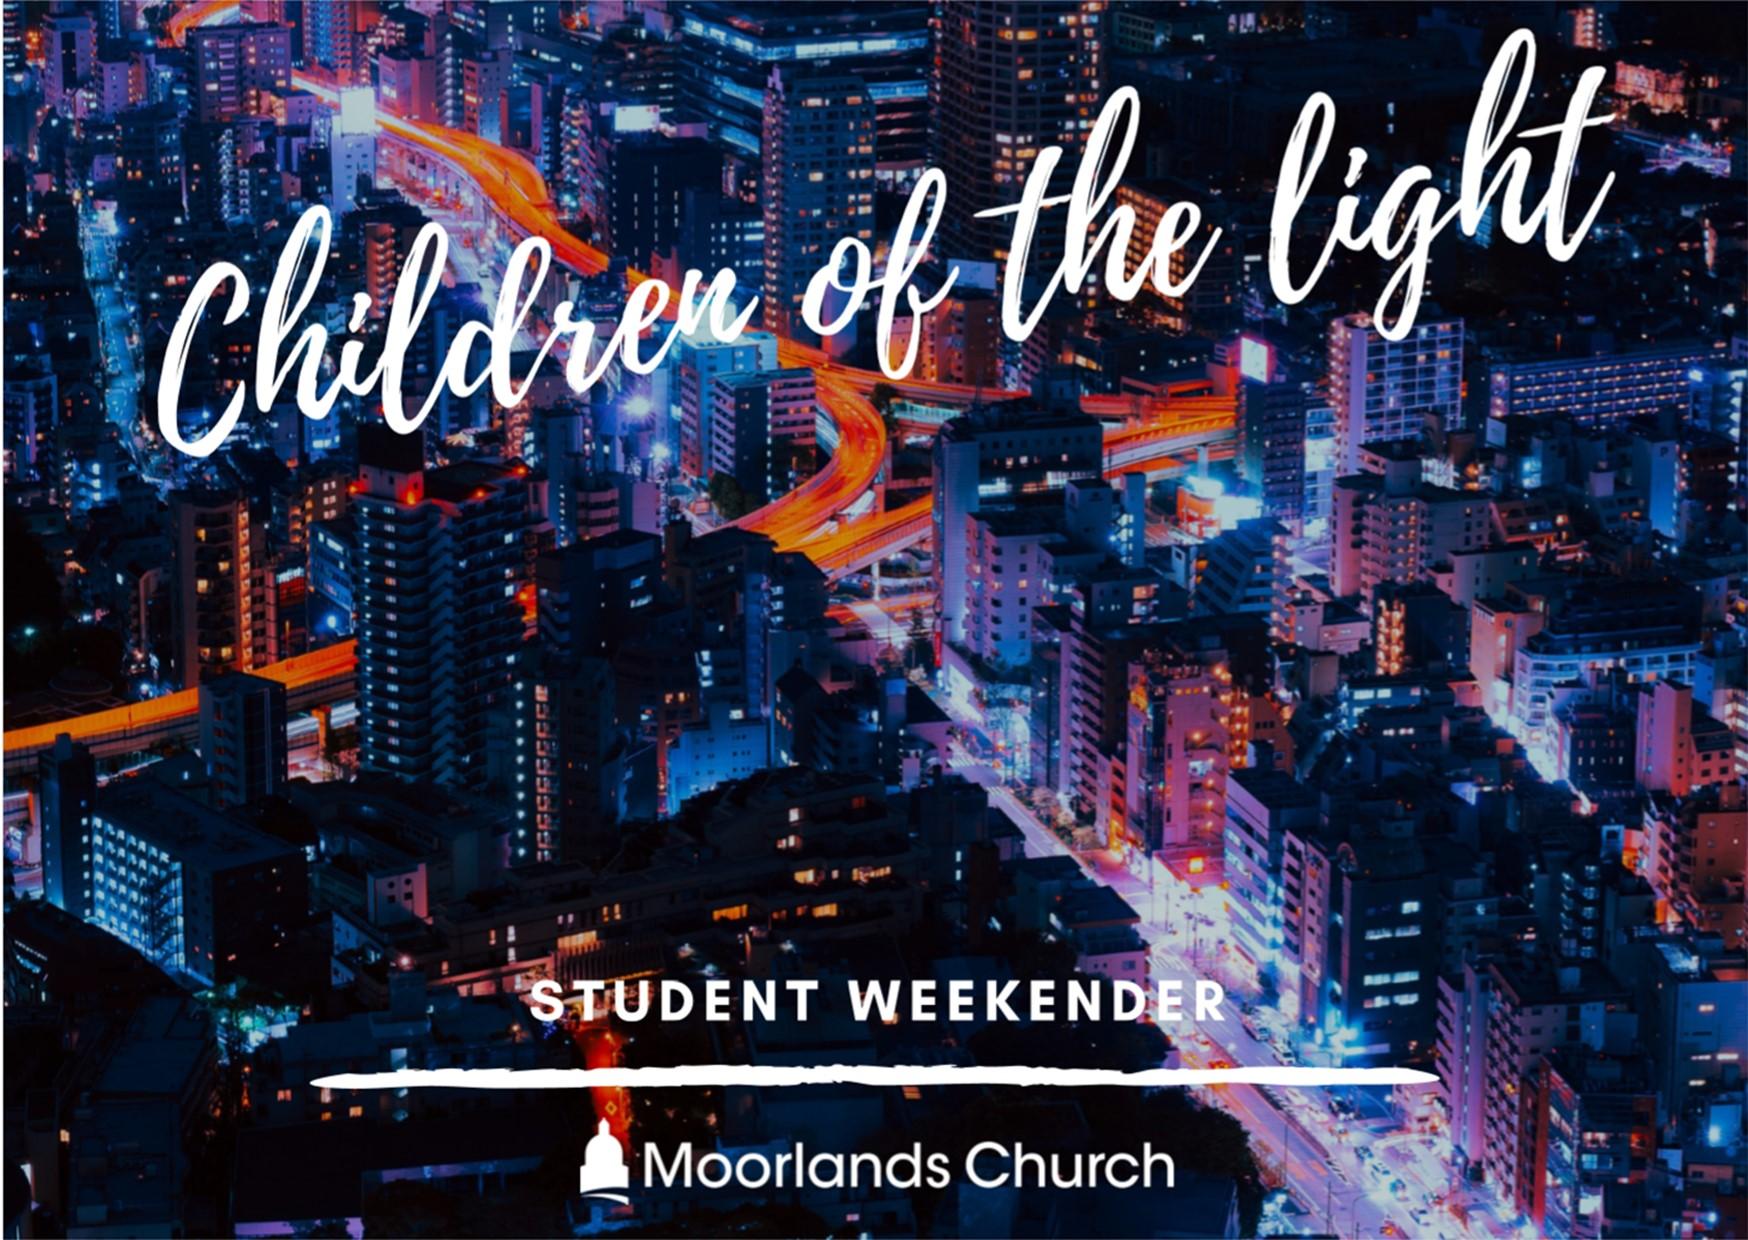 Children of the light front.jpg